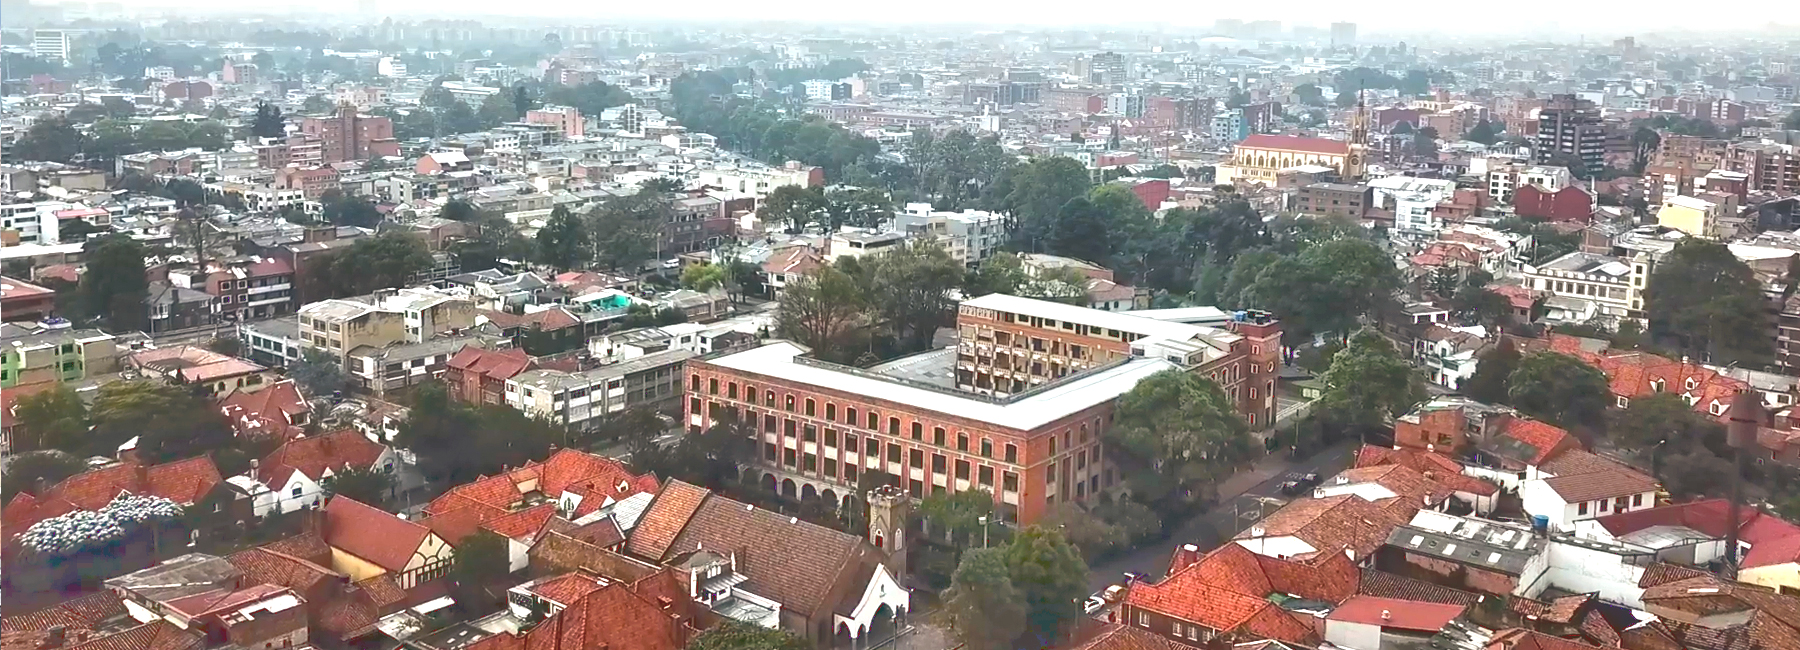 IDPC---PEMP-Teusquillo-barrios--aerofotografia-2